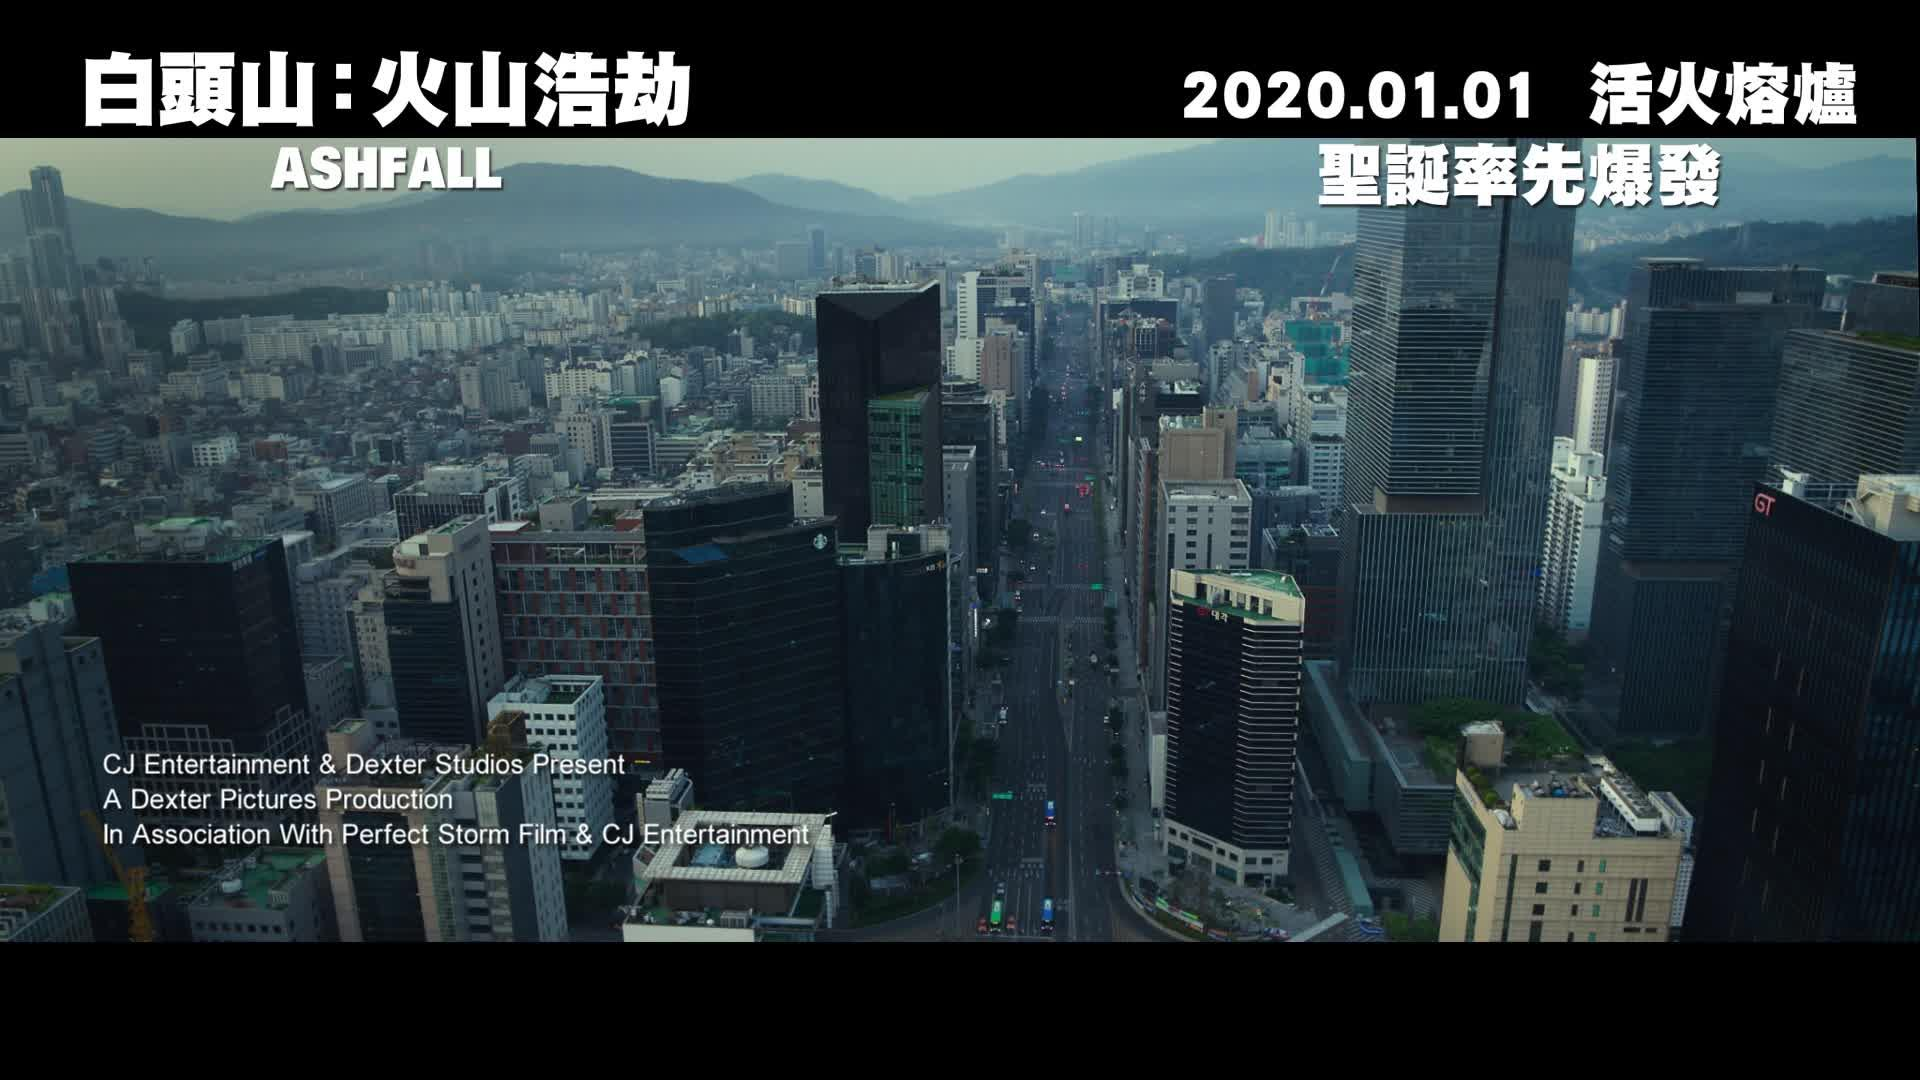 《白頭山:火山浩劫》電影預告